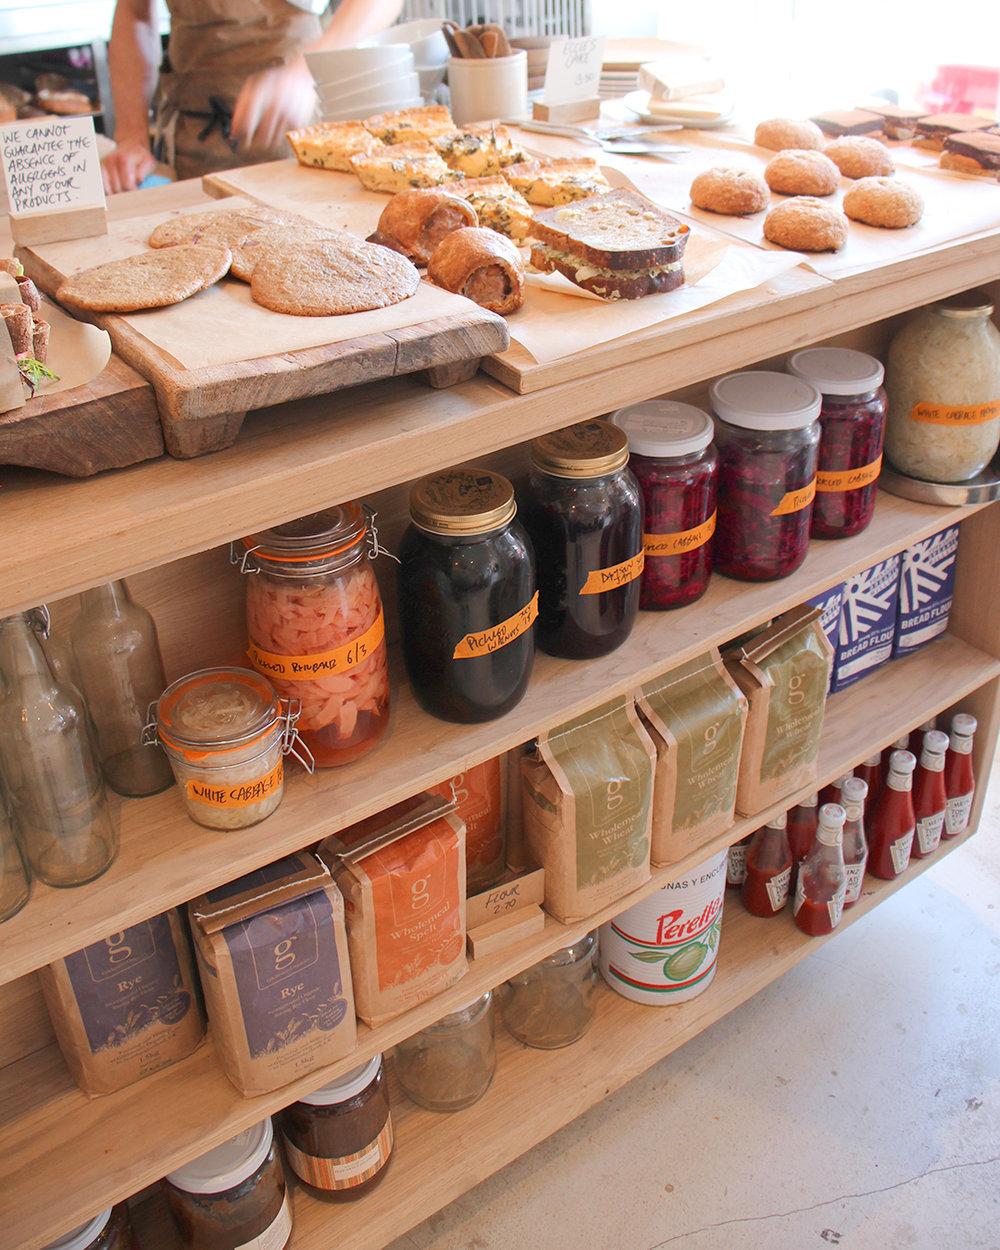 Bath-mini-break-staycation-landrace-bakery-cafe.jpg